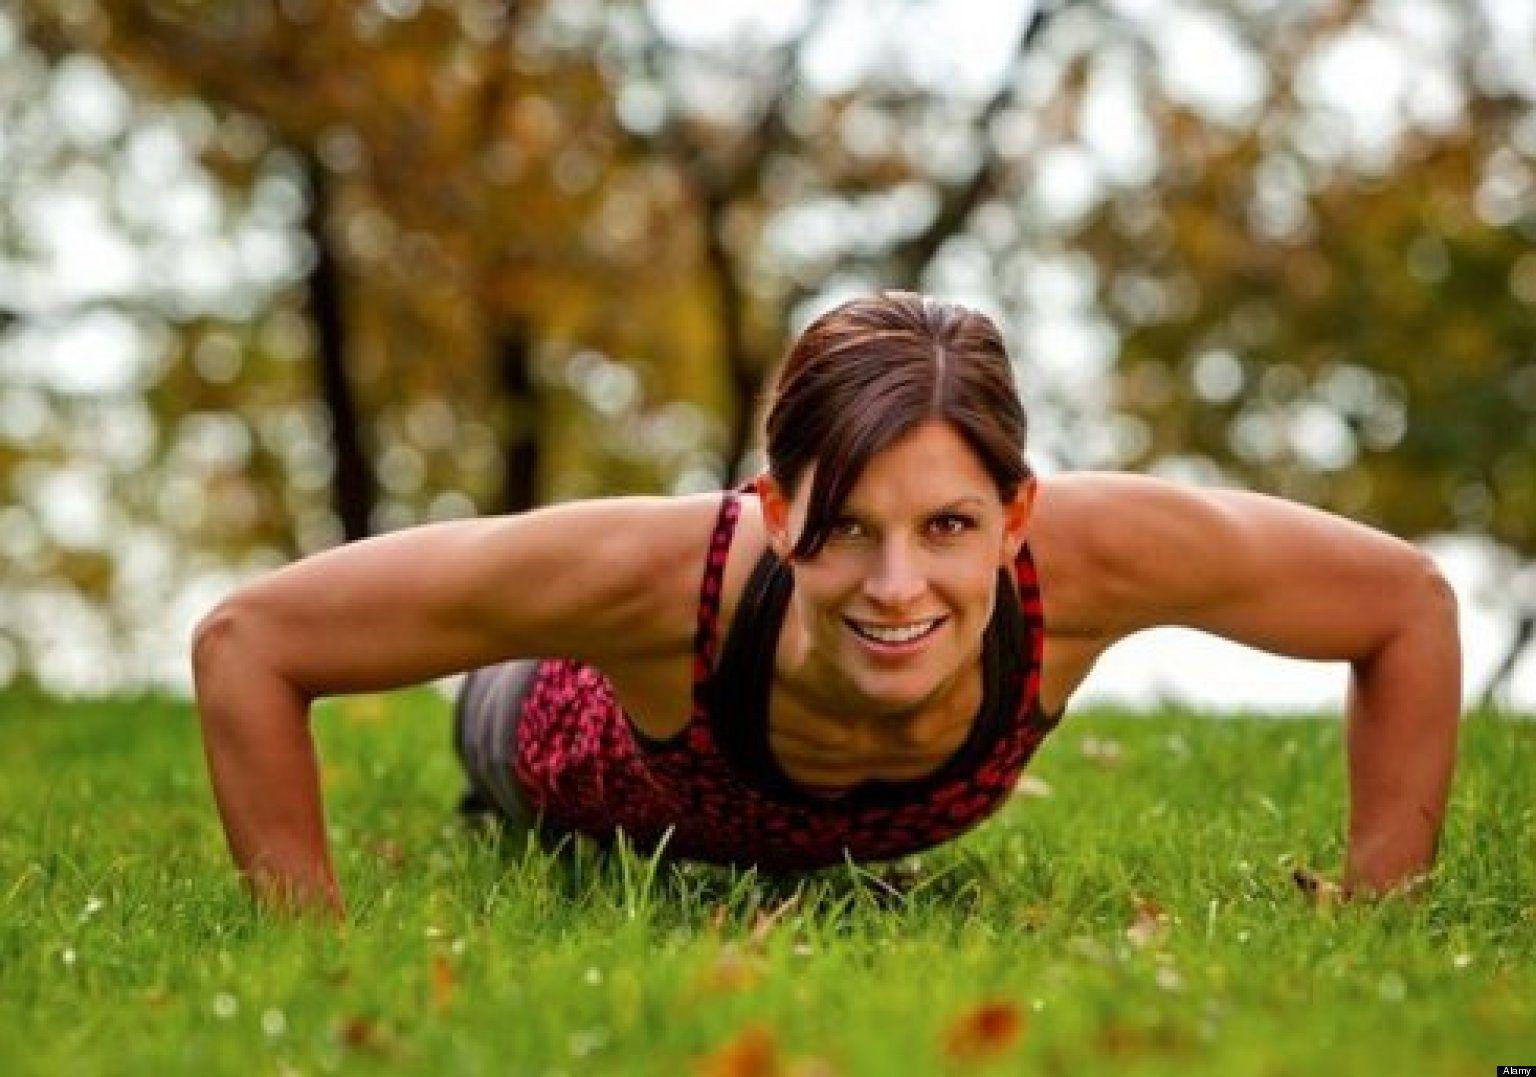 Egzersiz Sonrası Sağlıklı Besinler